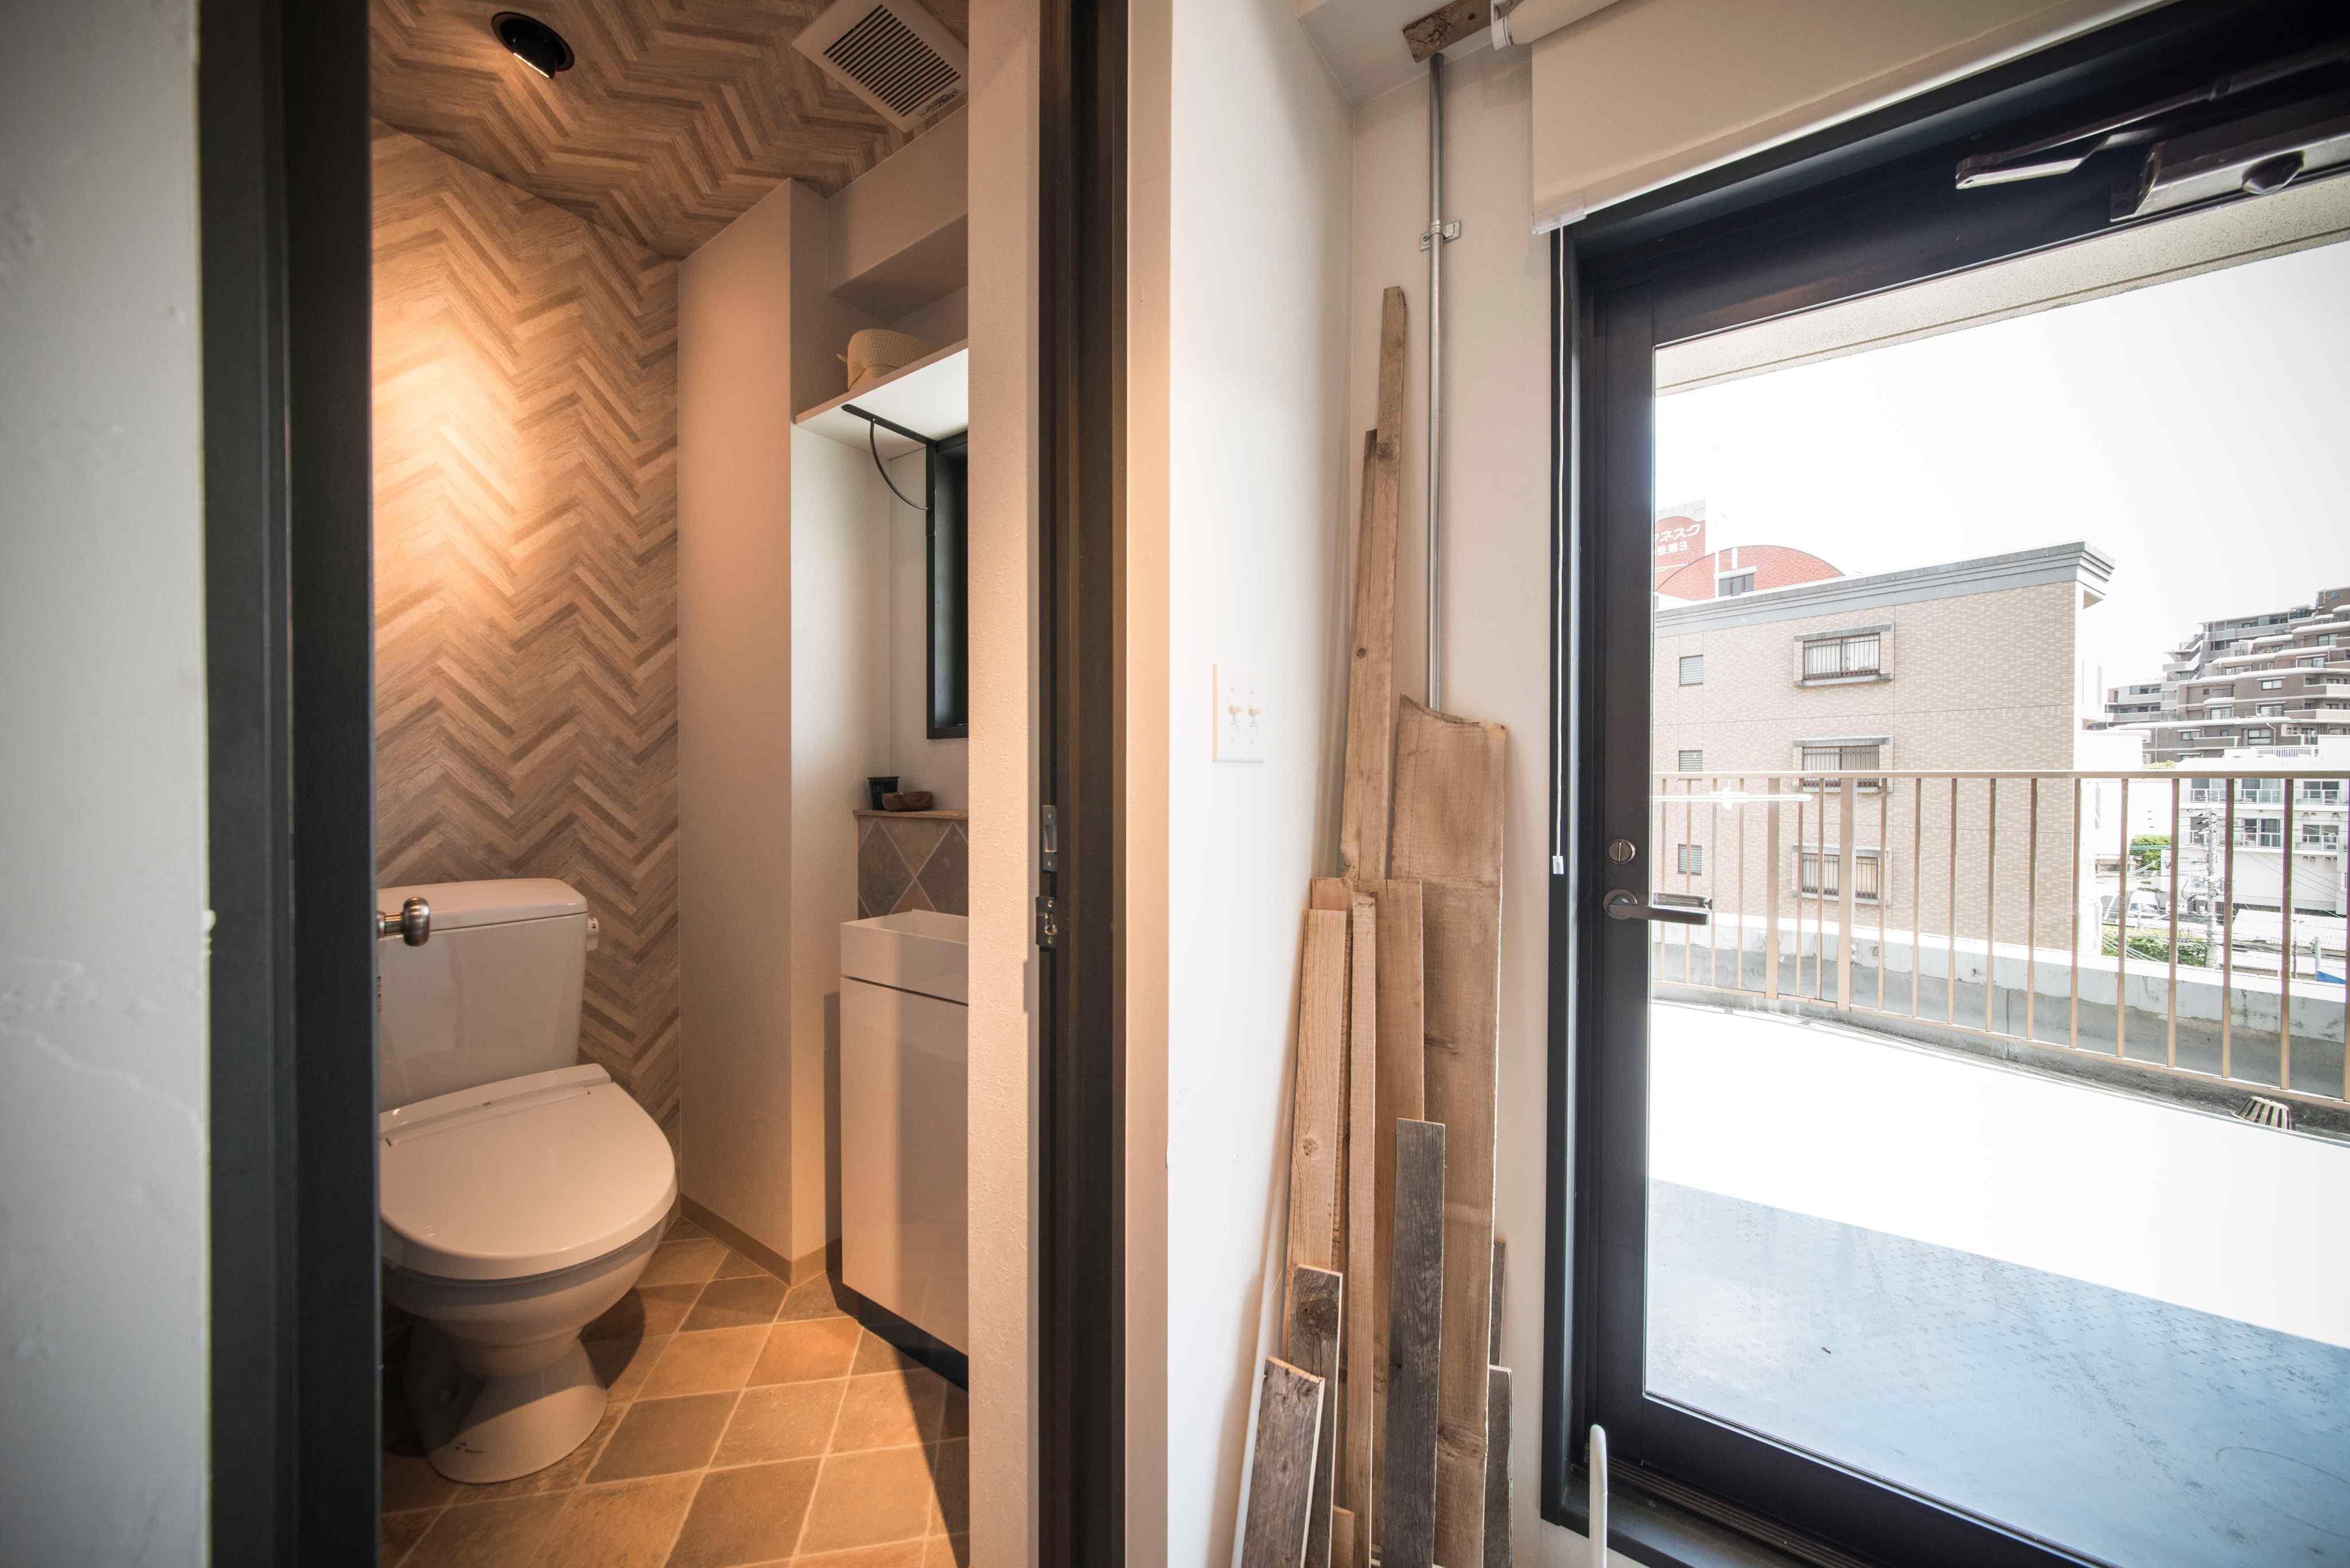 WC。室内は設備含め配管まで全部やりかえてます。